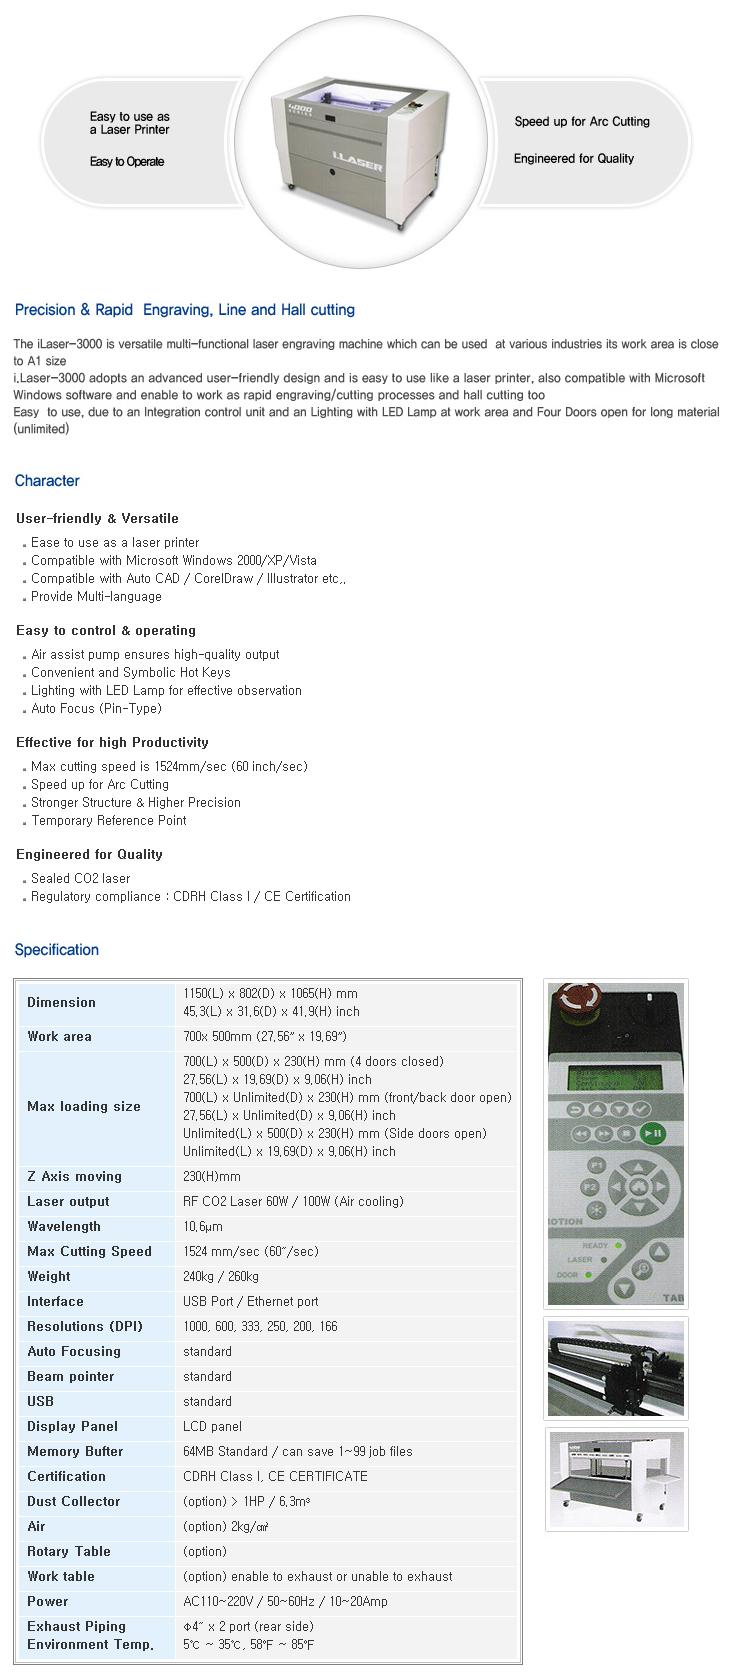 LP TECH RF CO2 Laser Cutting & Engraving LASER-4000